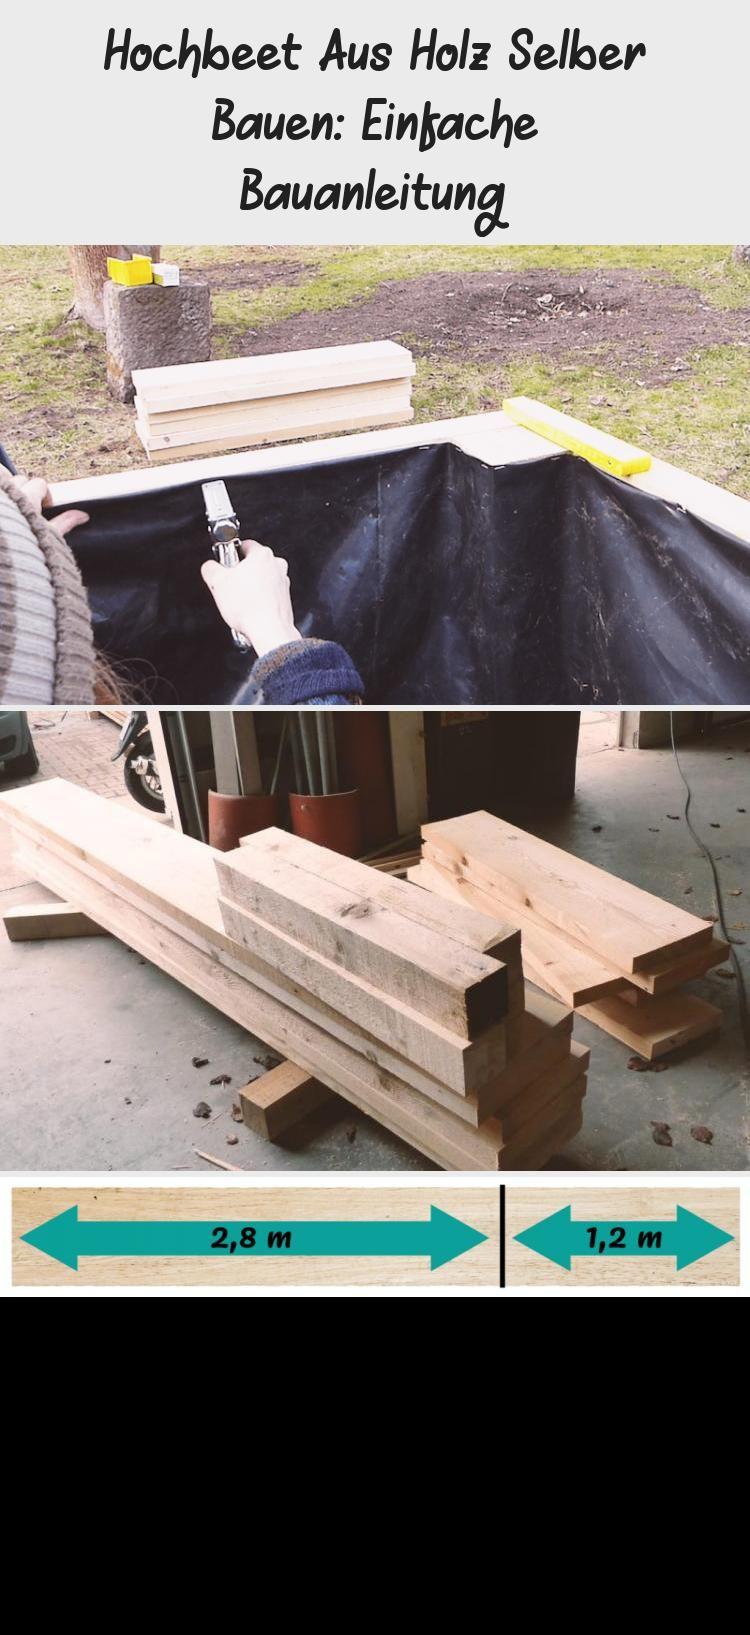 Hochbeet Aus Holz Selber Bauen Einfache Bauanleitung In 2020